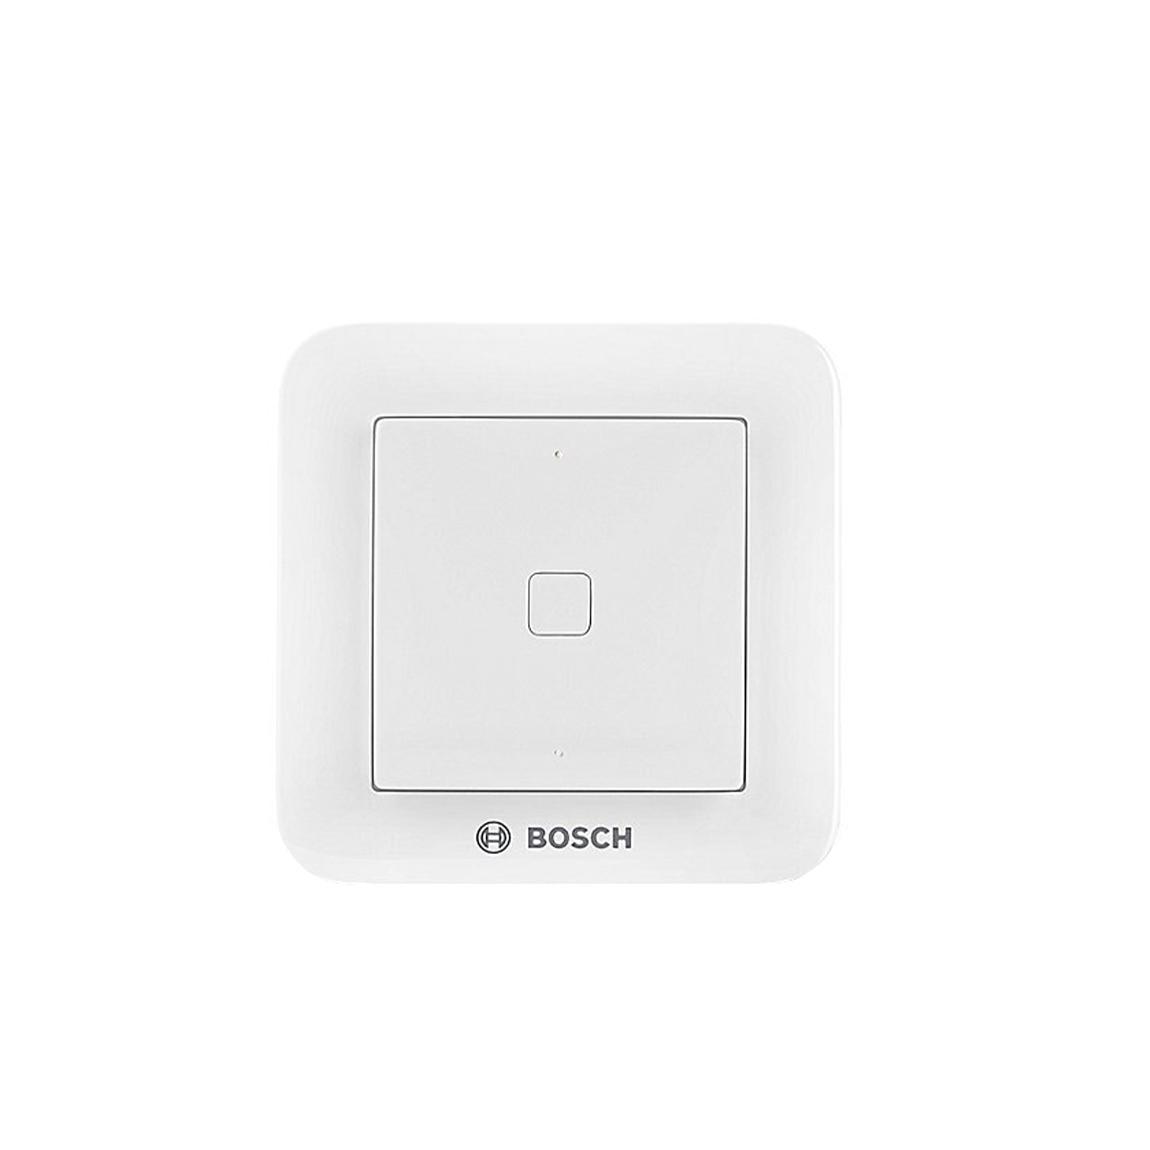 Bosch Universalschalter - Weiß